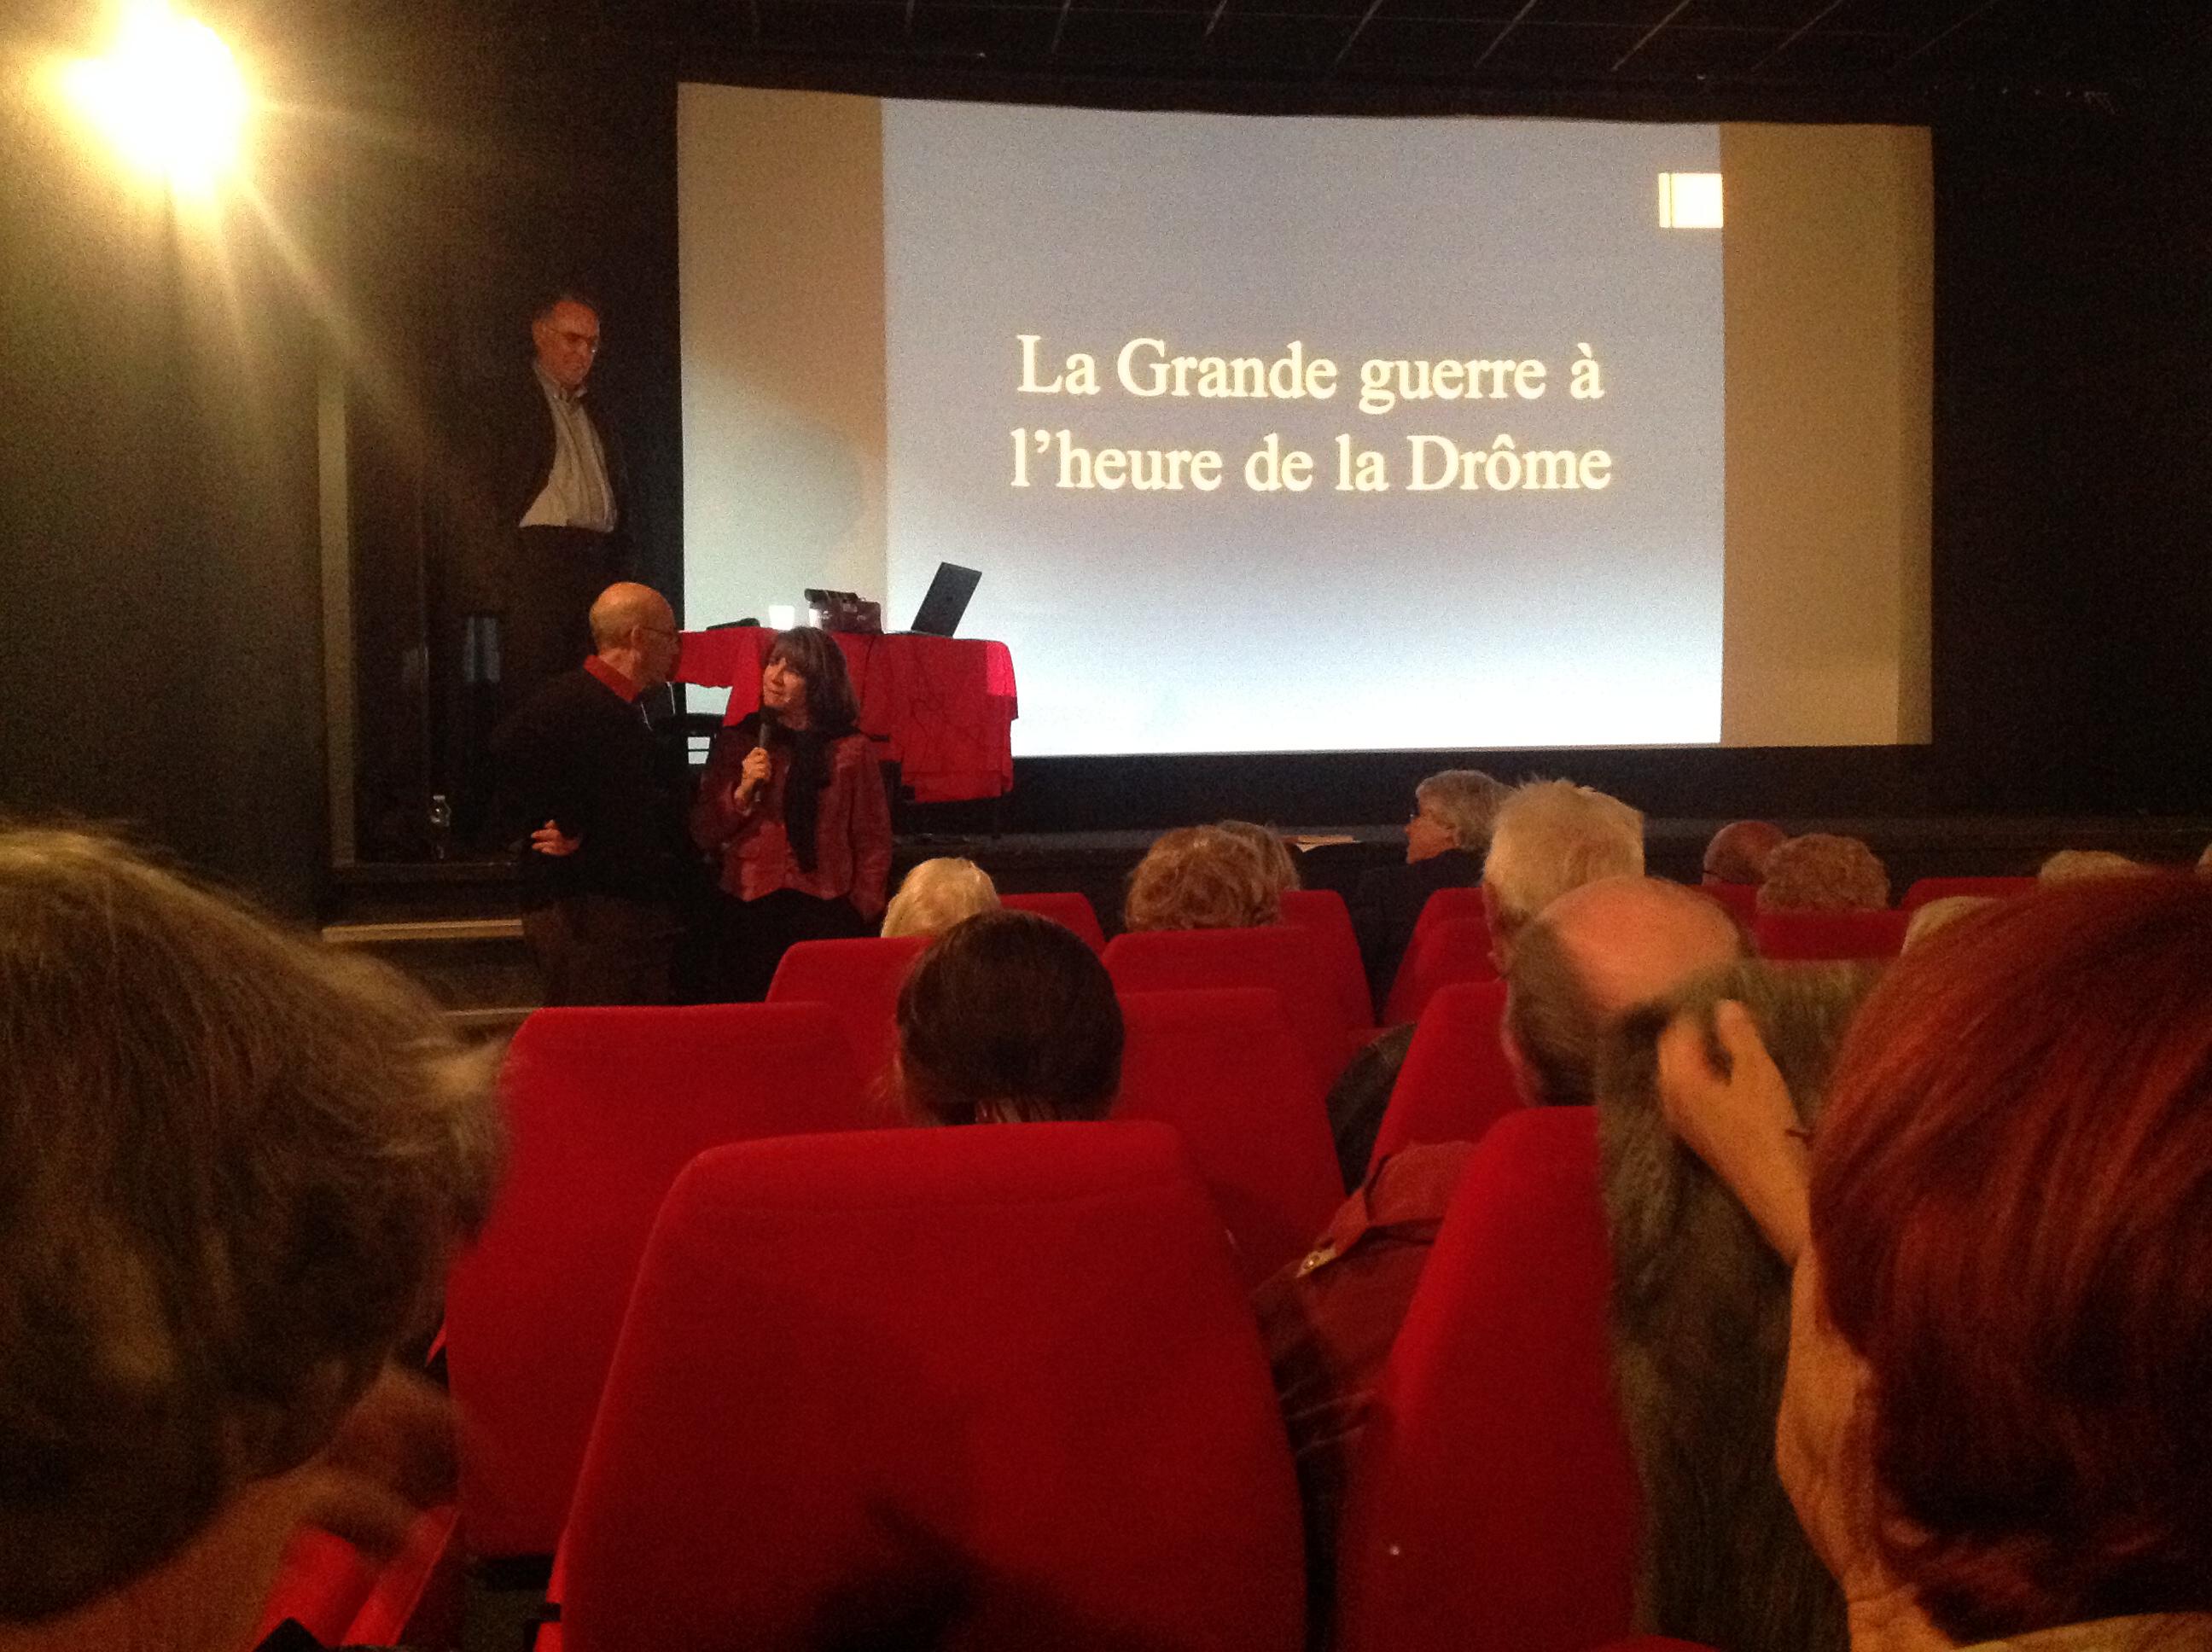 Françoise BARNIER (PMH) Jean-Marc FOURNIER (LSP) en partenariat pour une conférence sur la guerre de 14/18 animé par Alain SAUGER, devant un public nombreux.,